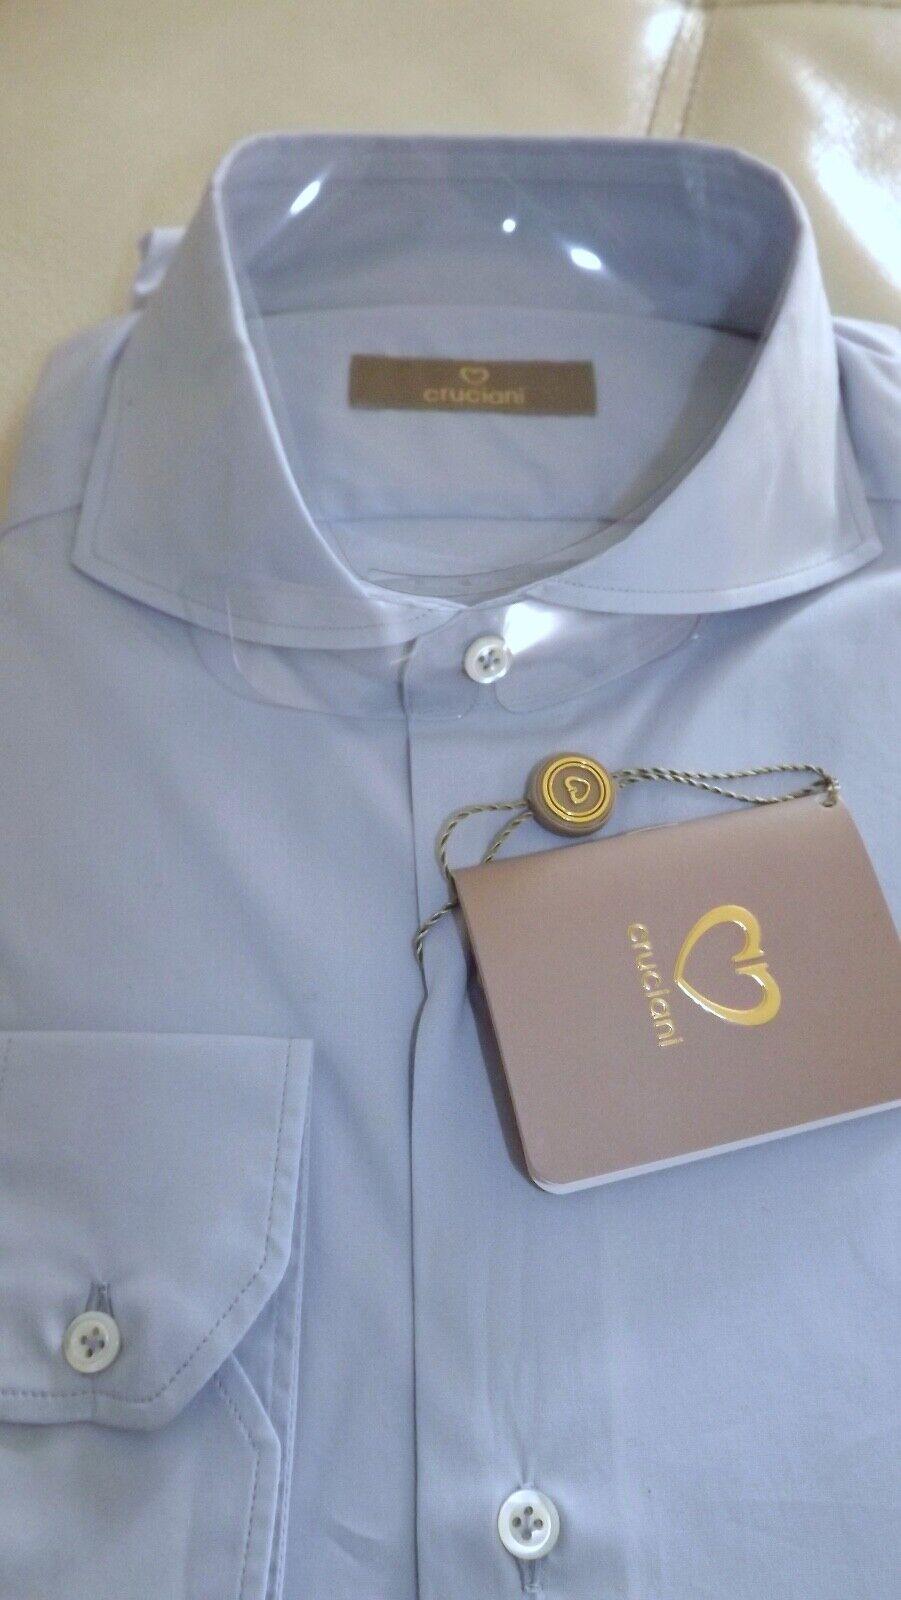 Cruciani 1° Linea Nuova Collezione Shirt 44 240,00 Cartel. Cotton Handmade